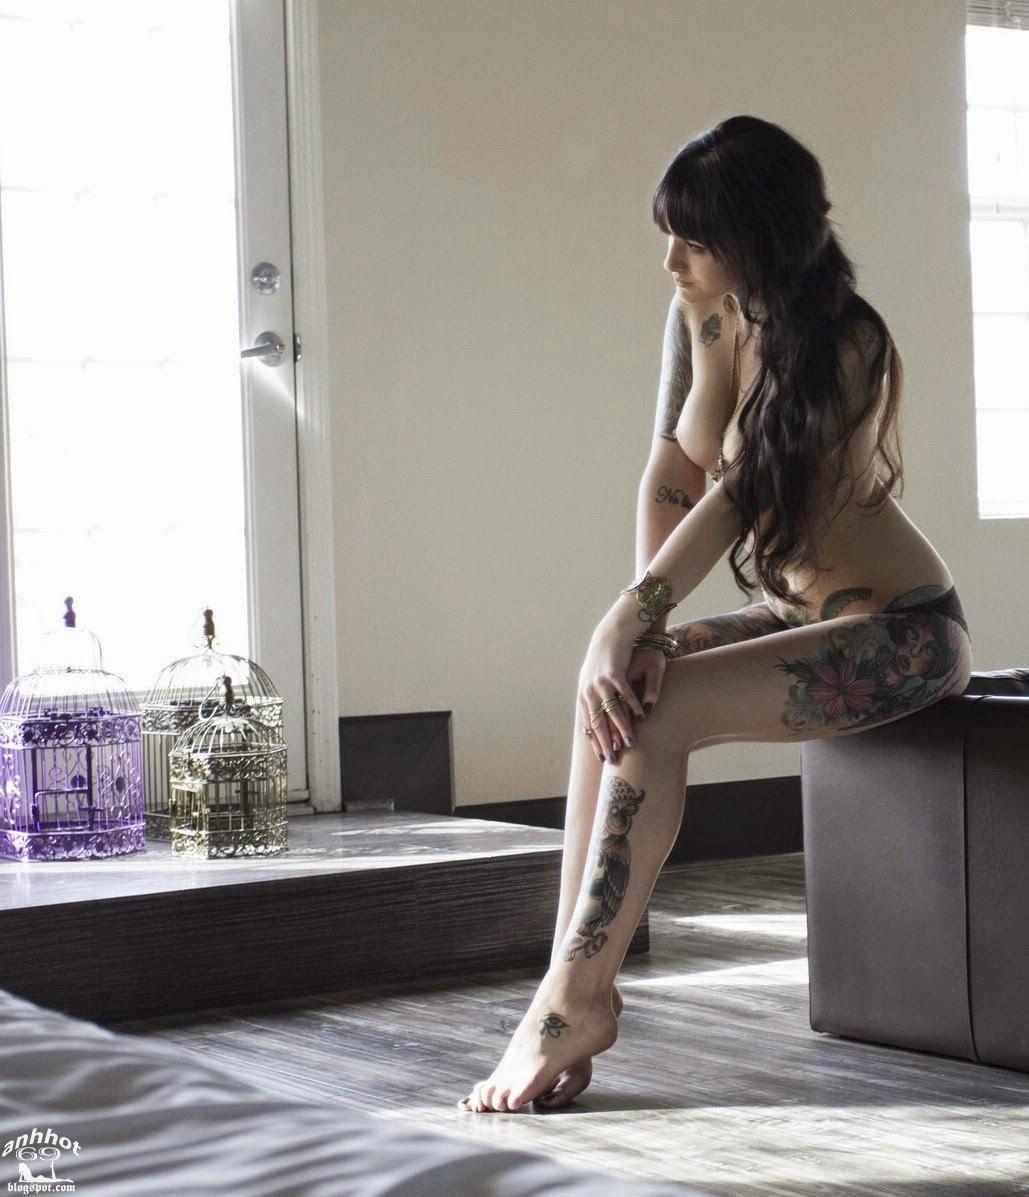 [Tattoo-1503042305] - Indi Caught - Sức hút